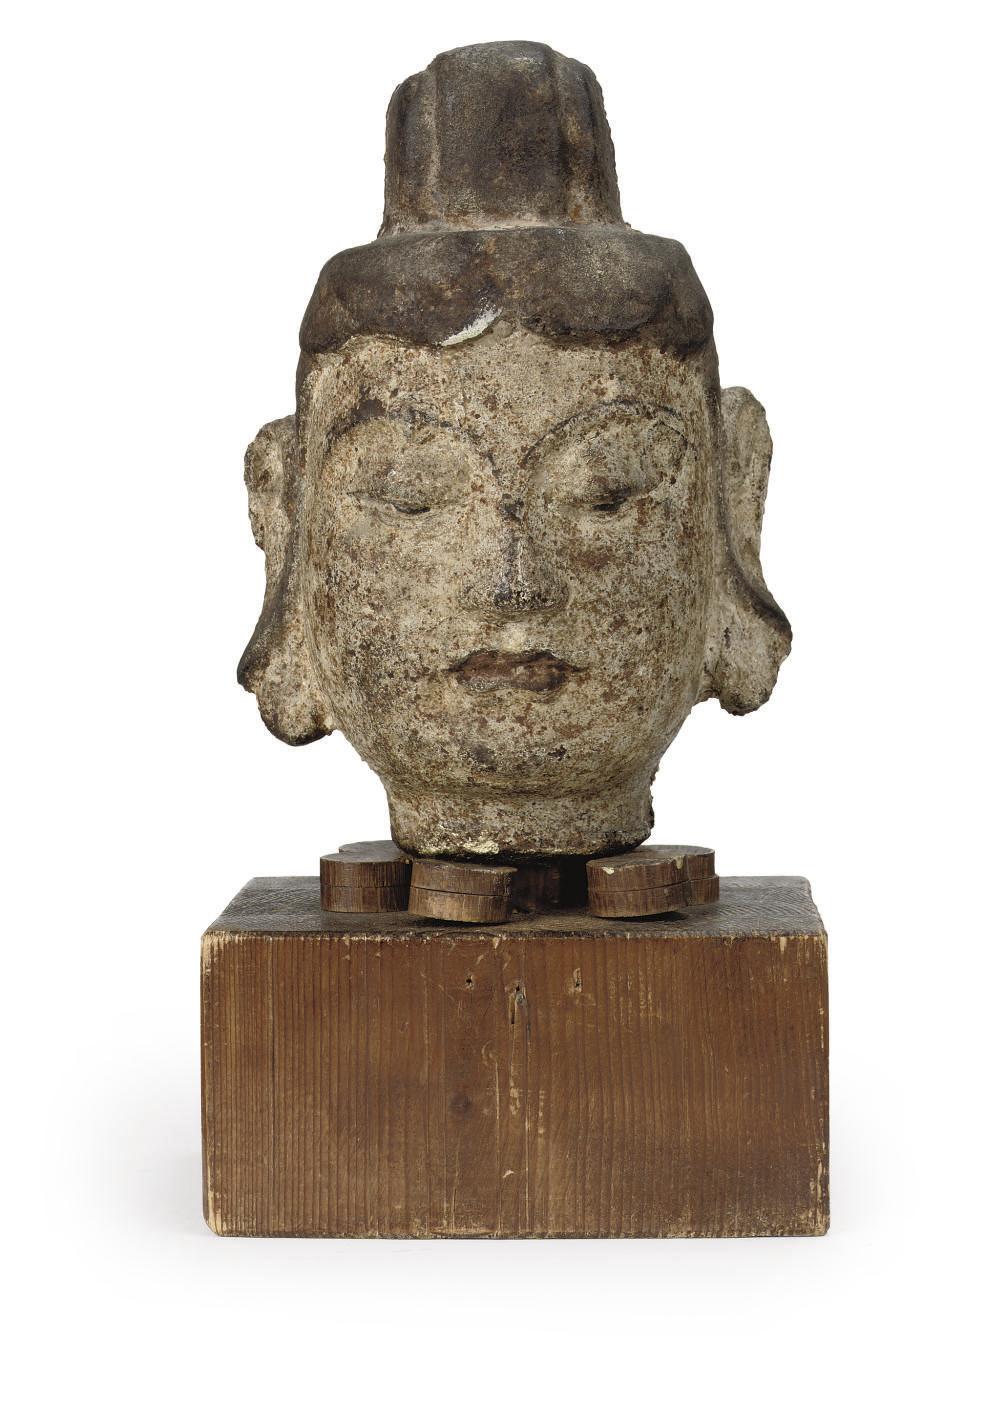 A Chinese iron head of Buddha